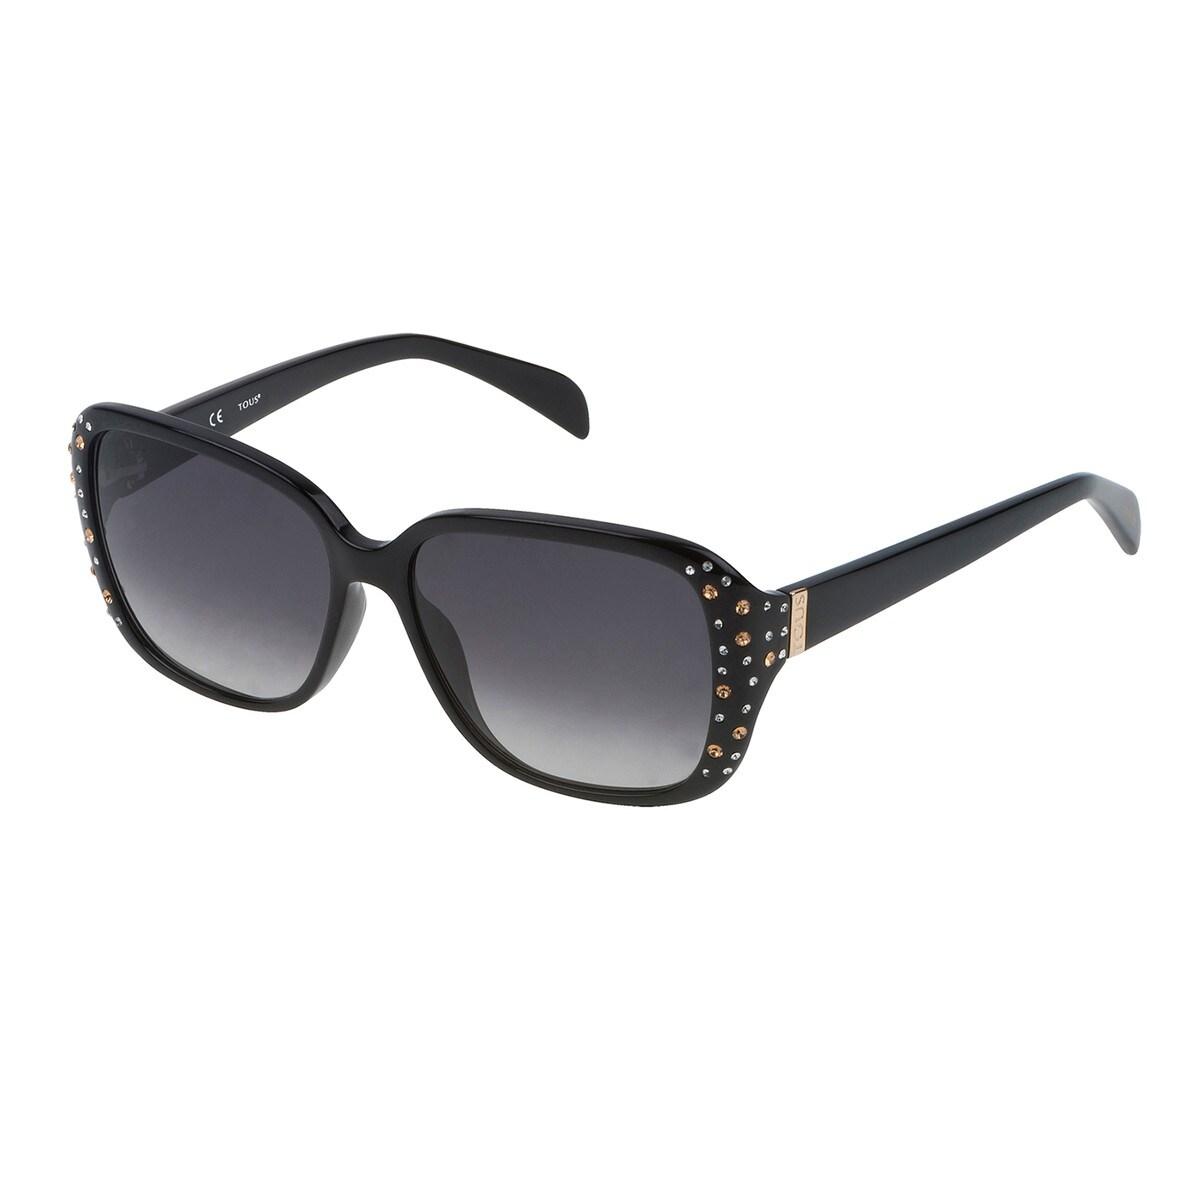 087740f408 Gafas de sol Luxury Gold - Sitio web Tous España